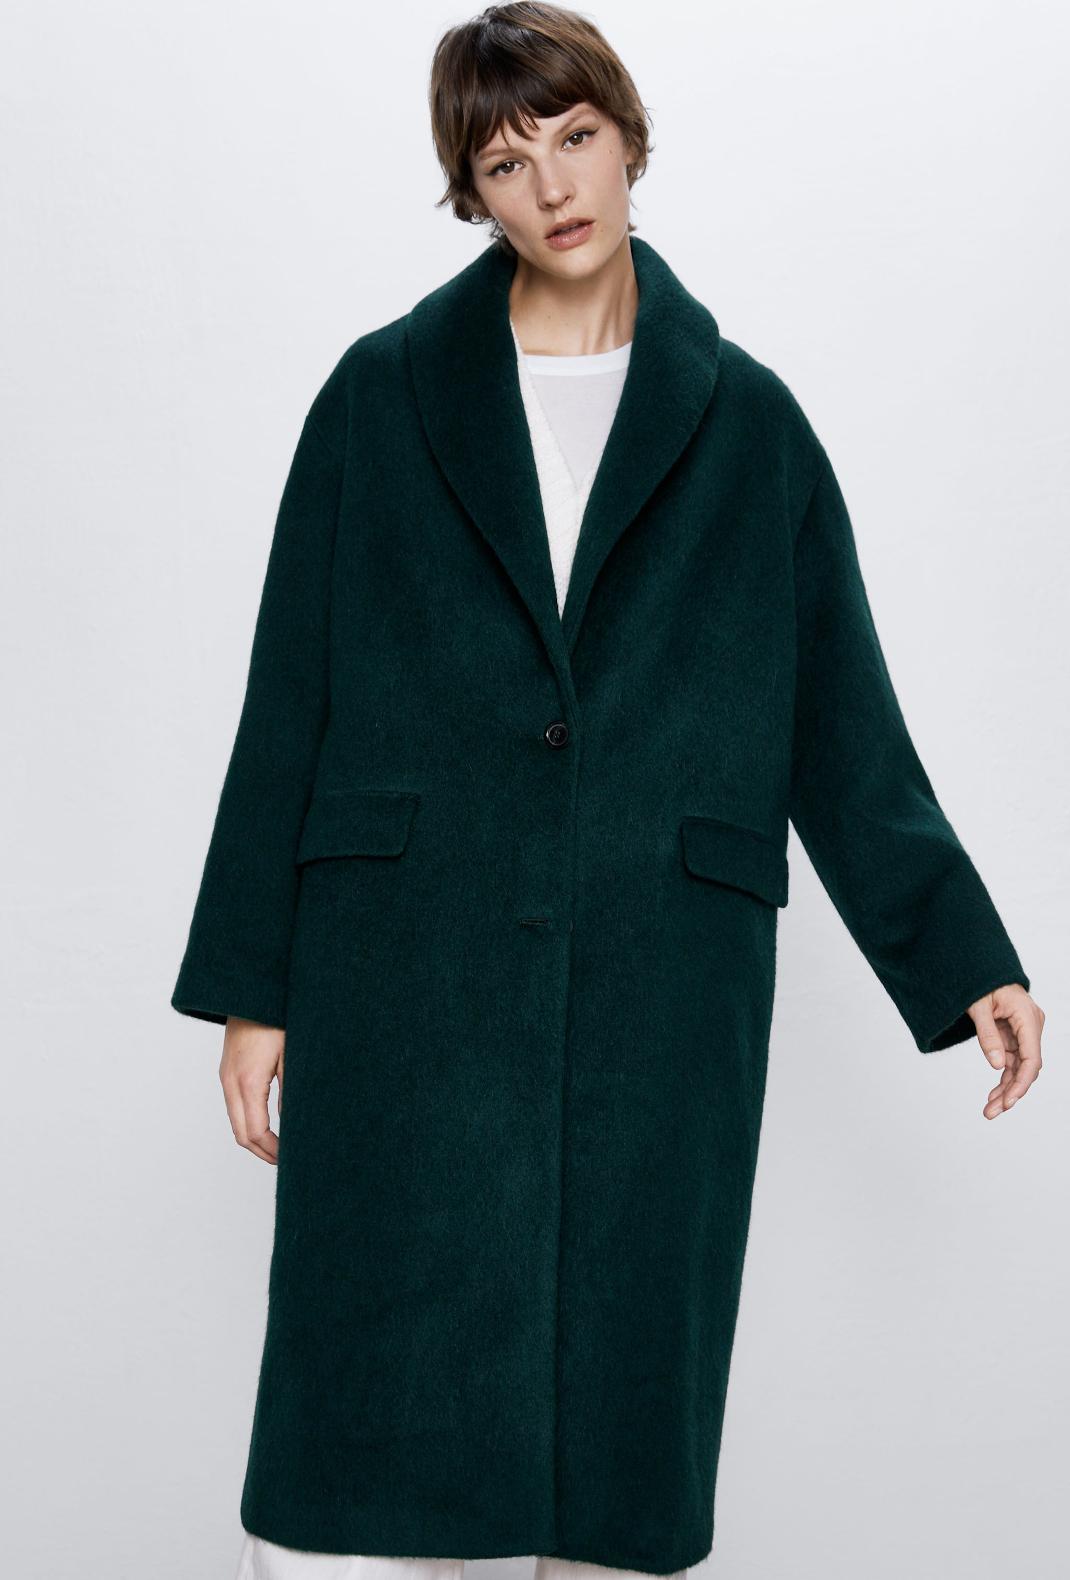 γυναίκα με παλτό Zara